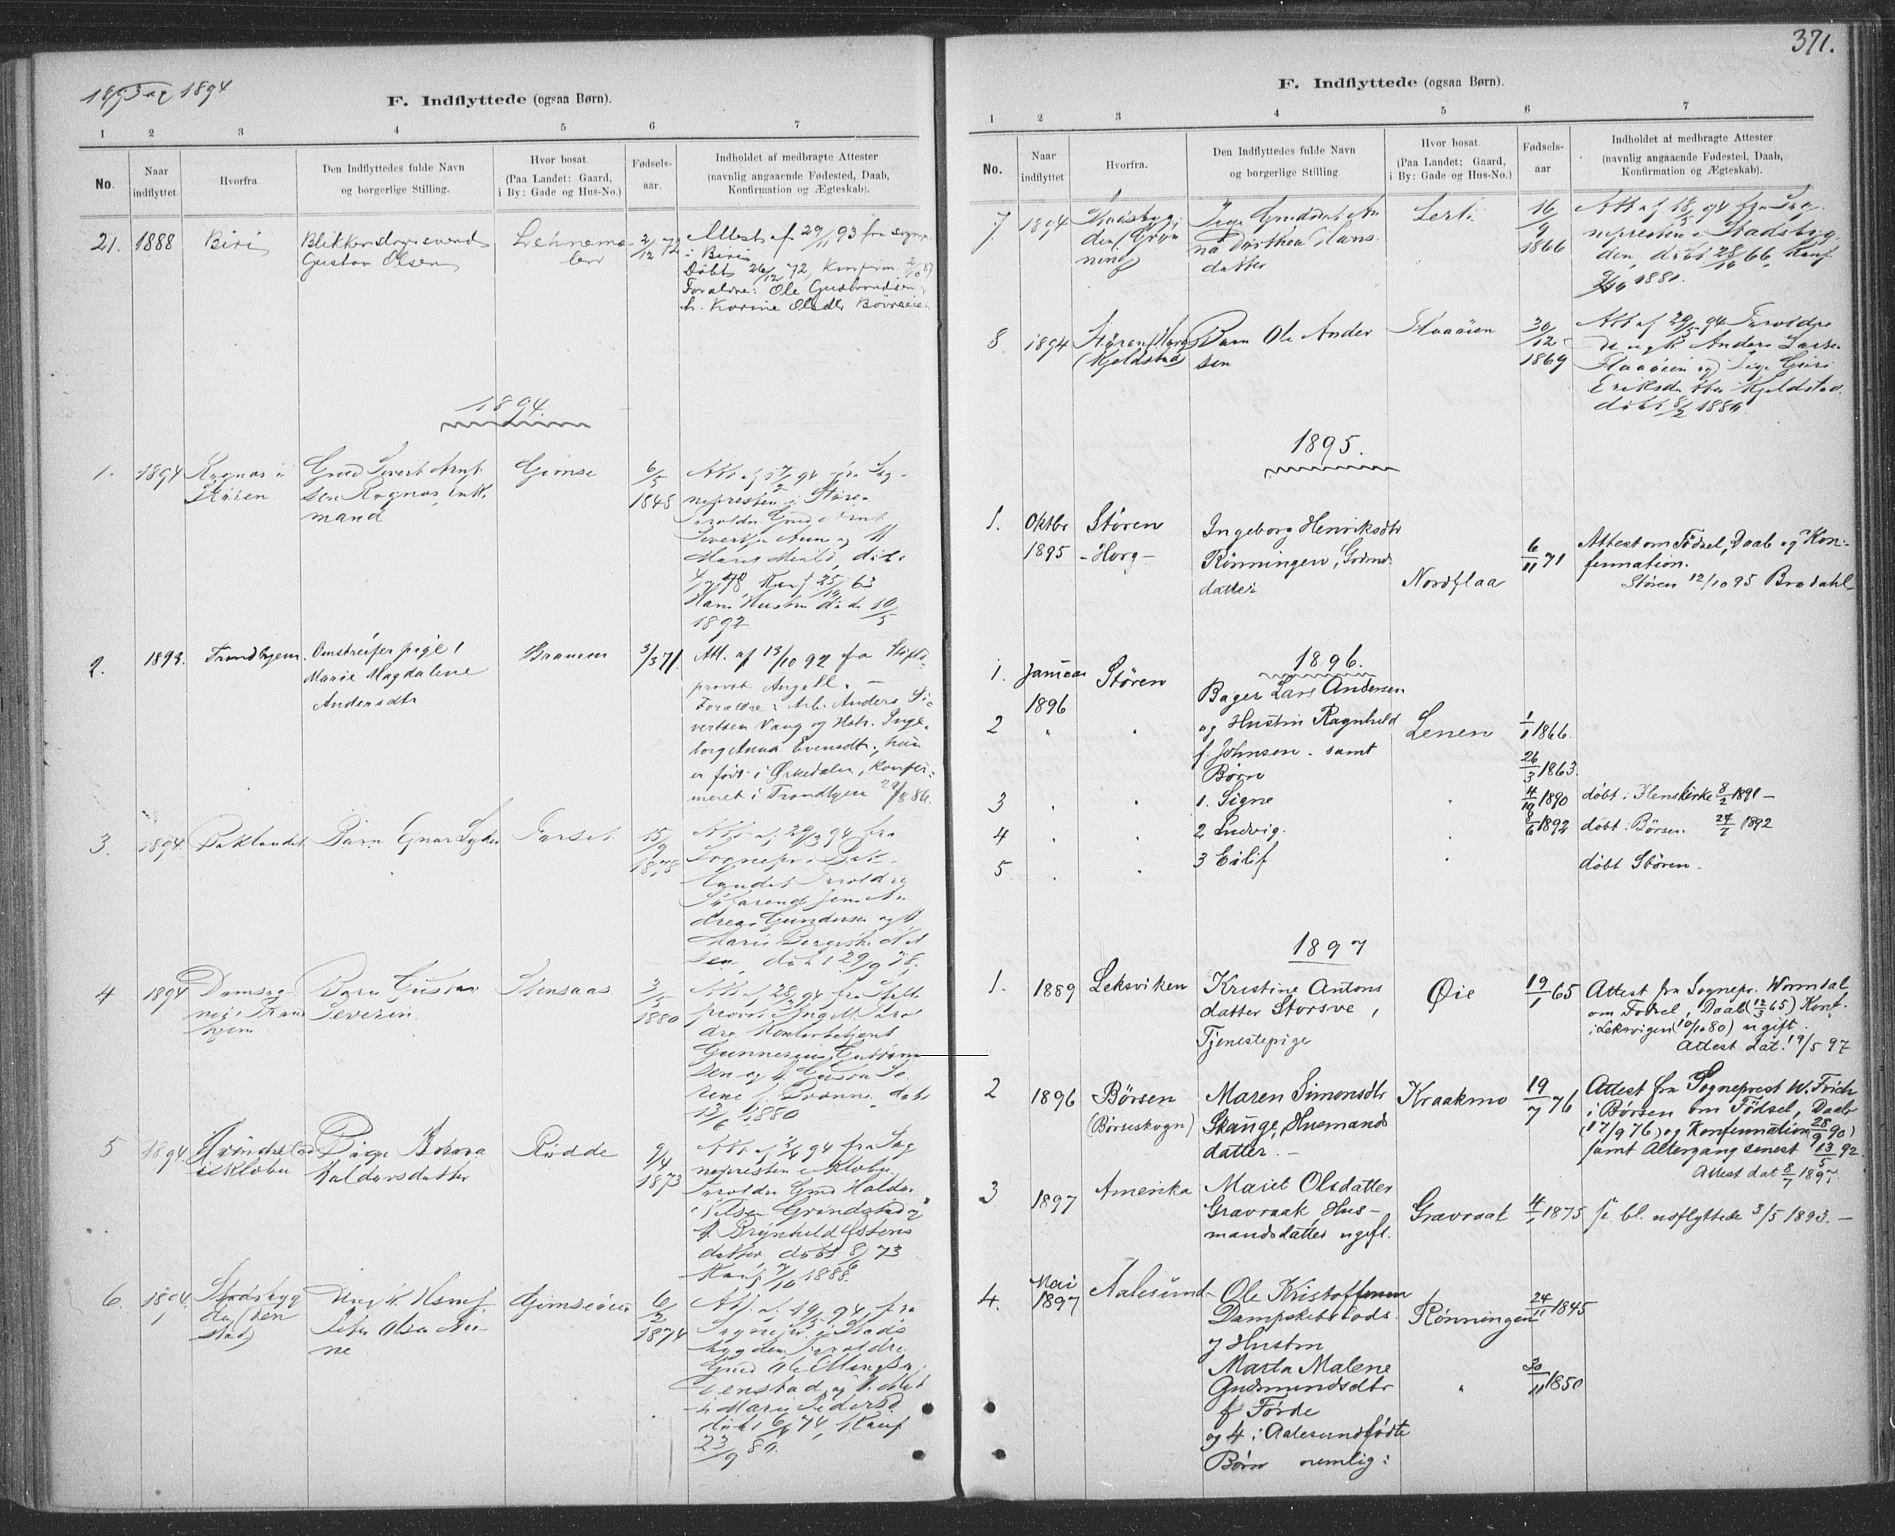 SAT, Ministerialprotokoller, klokkerbøker og fødselsregistre - Sør-Trøndelag, 691/L1085: Ministerialbok nr. 691A17, 1887-1908, s. 371